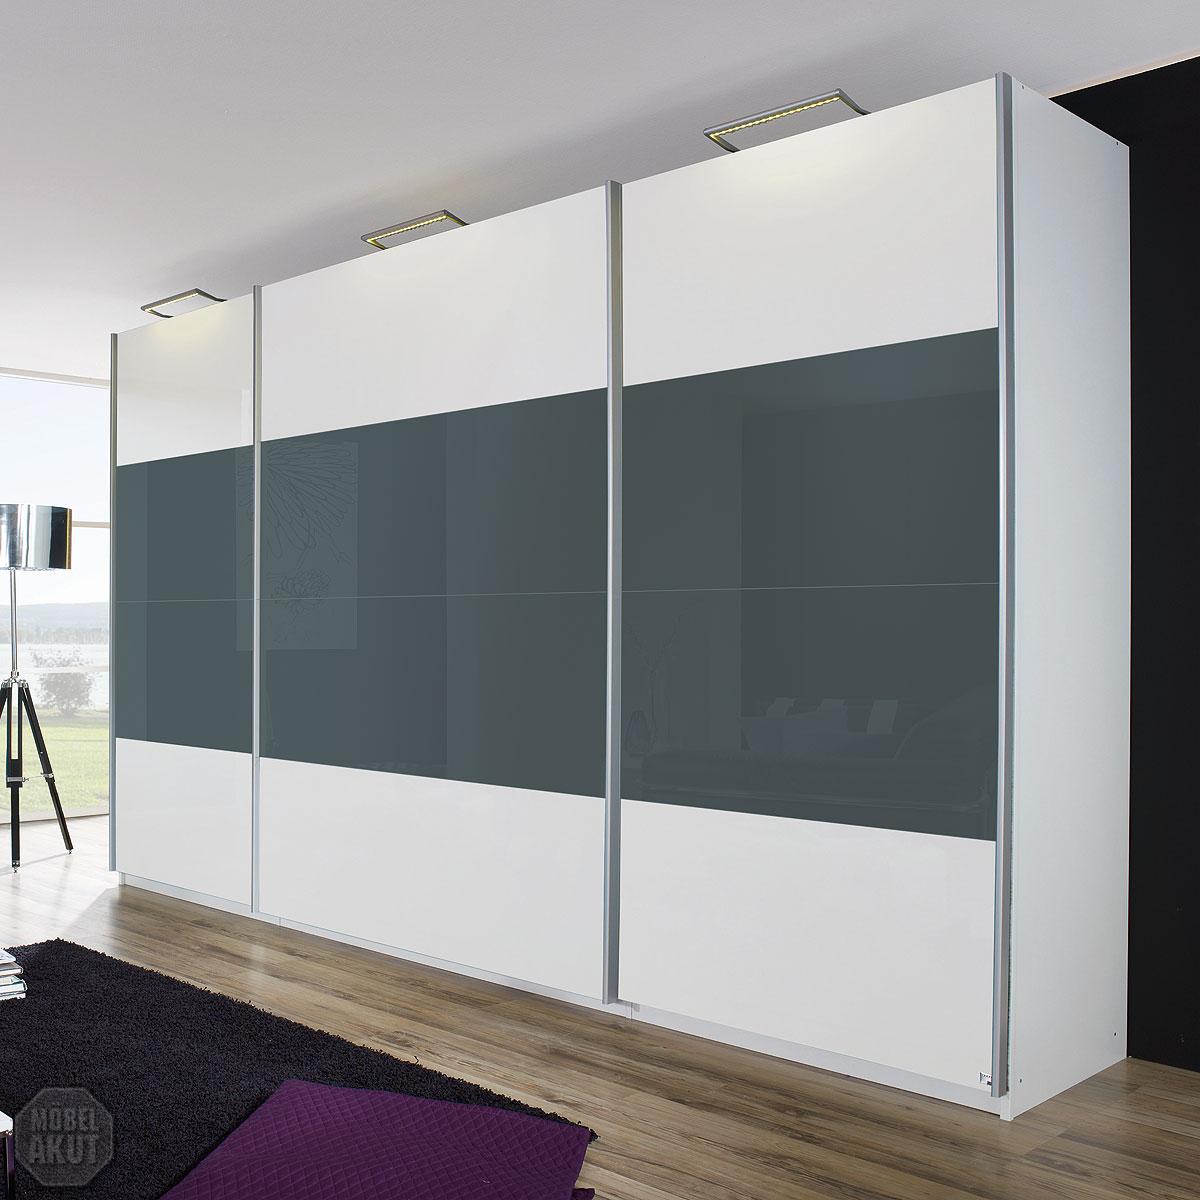 Schwebetürenschrank weiß grau  Lutz Kleiderschrank Weiß: Badezimmer hochschrank weis hochglanz ...